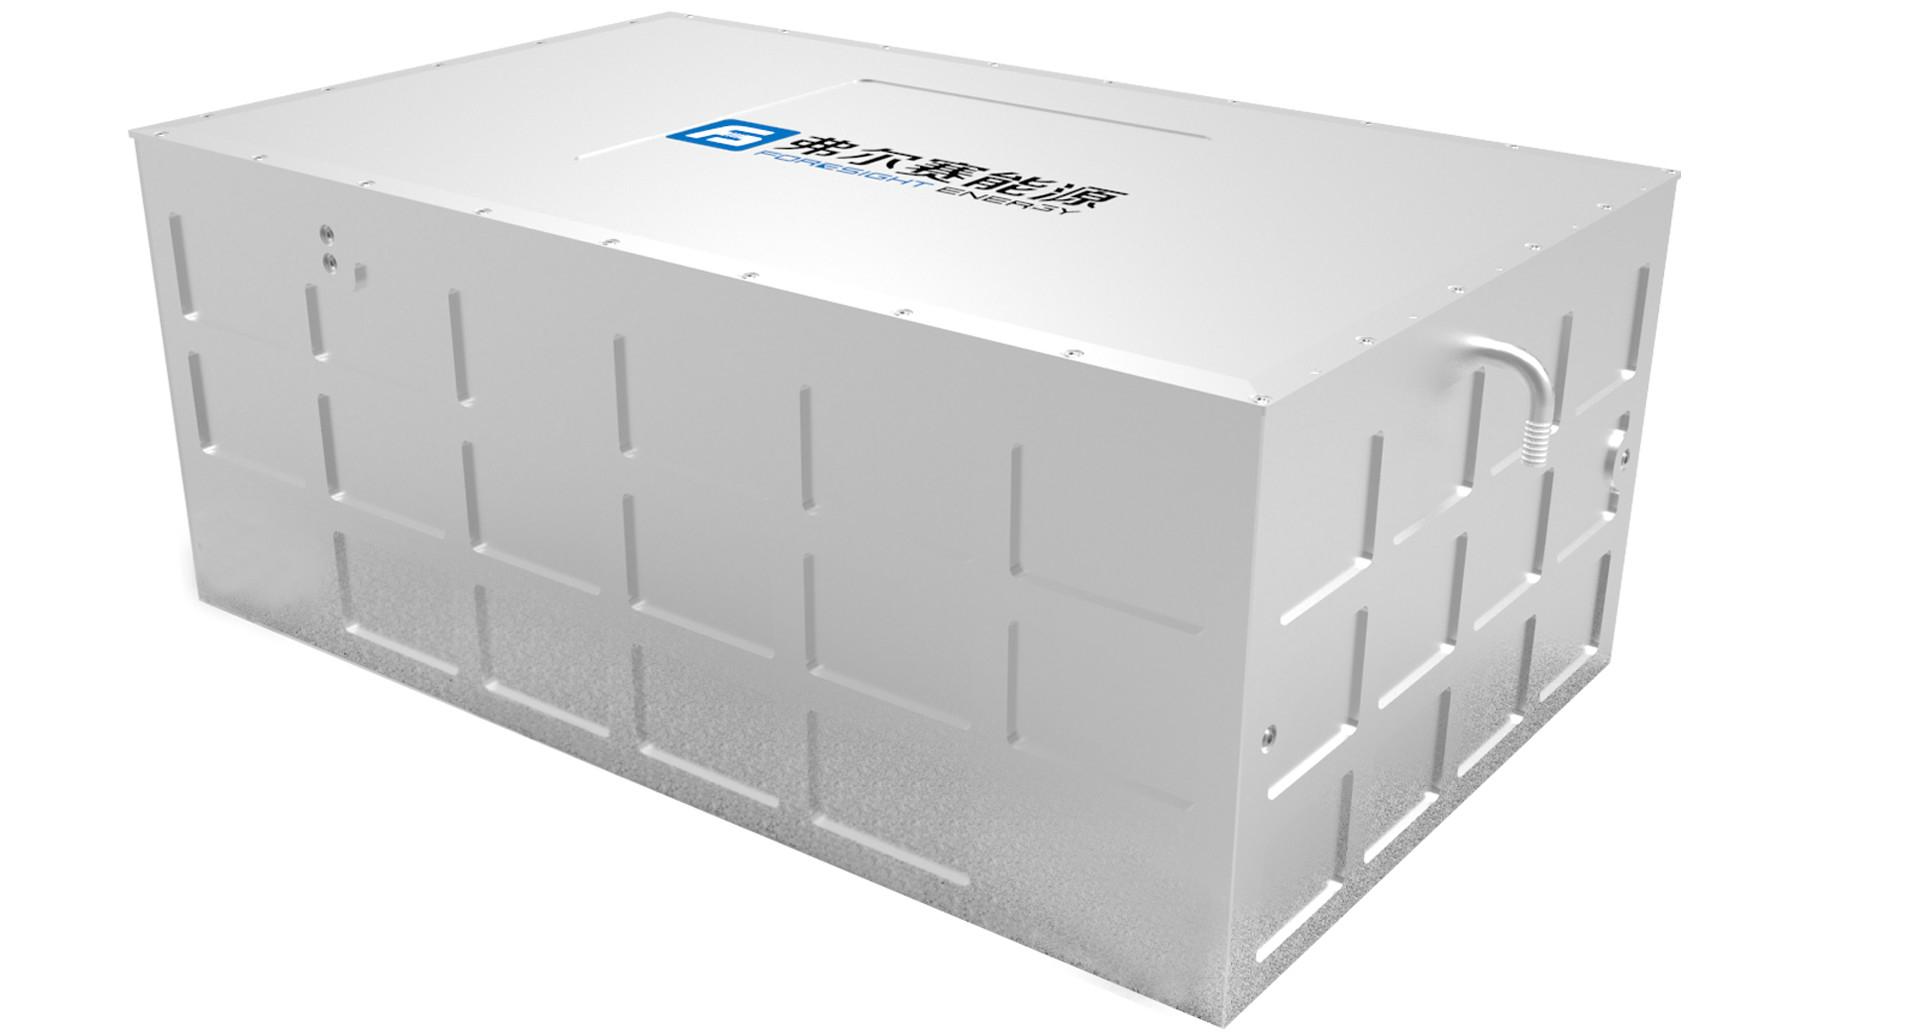 峰值功率76kW 弗爾賽發布新一代電堆模組工程化樣機